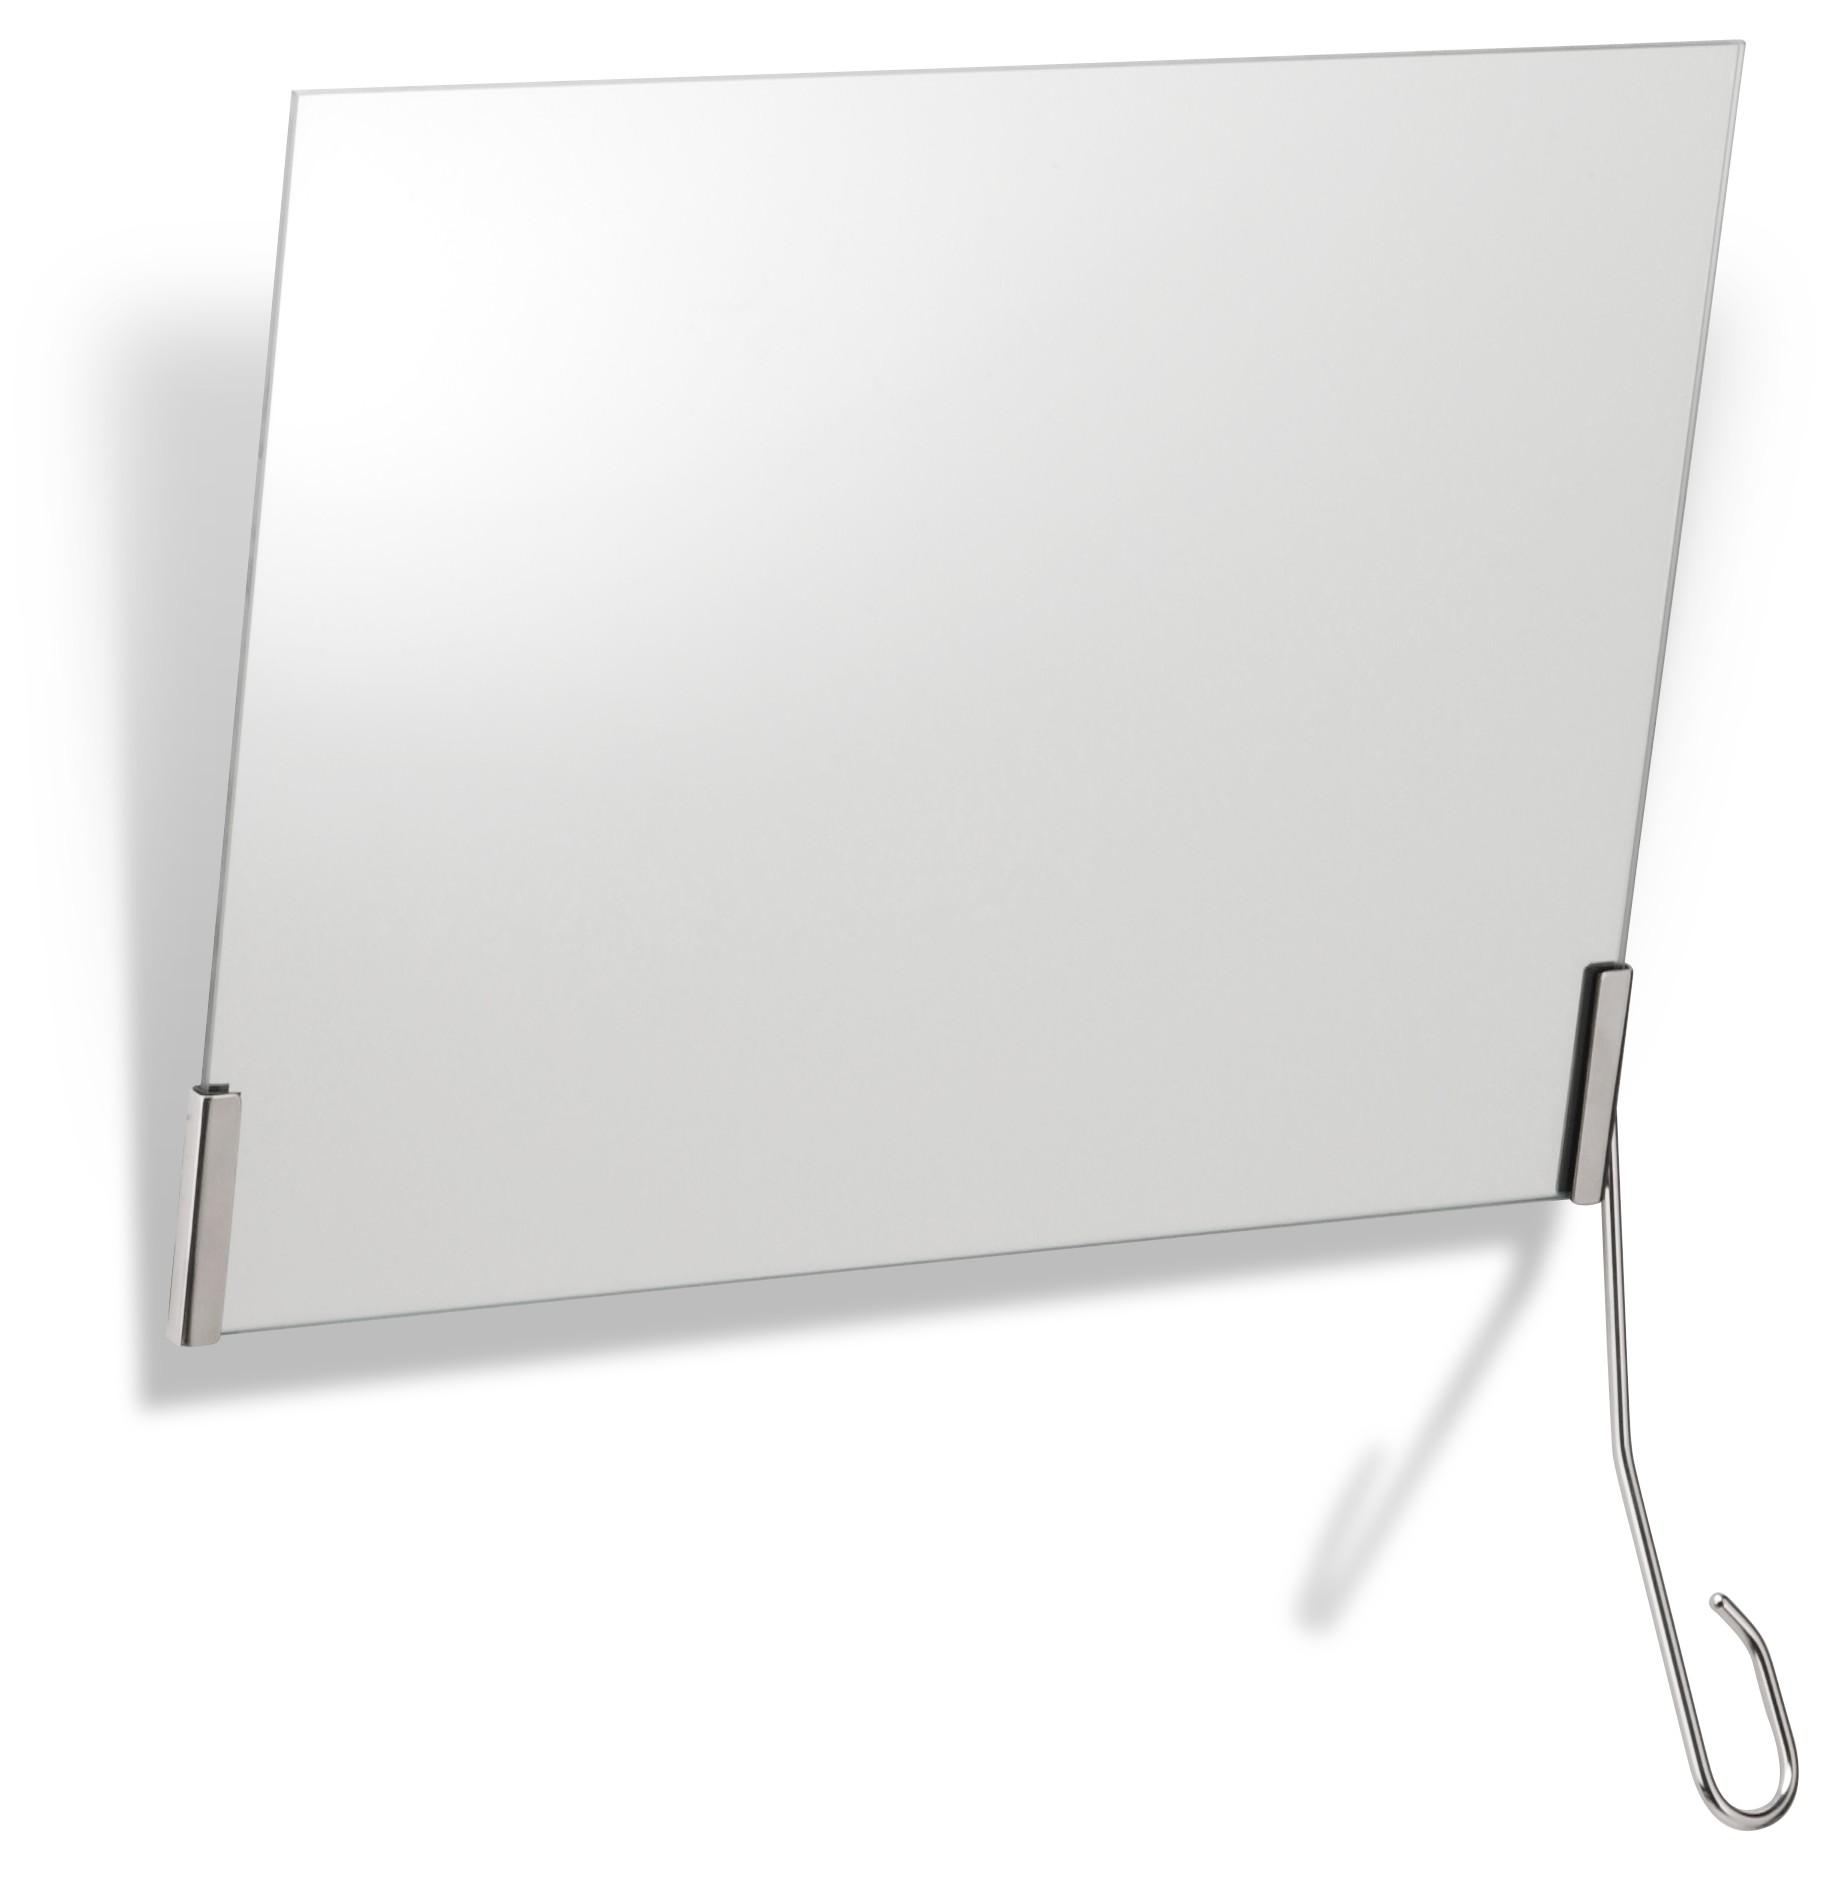 Funktion - Kippspiegelgarnitur mit Bedienhebel - L160051x